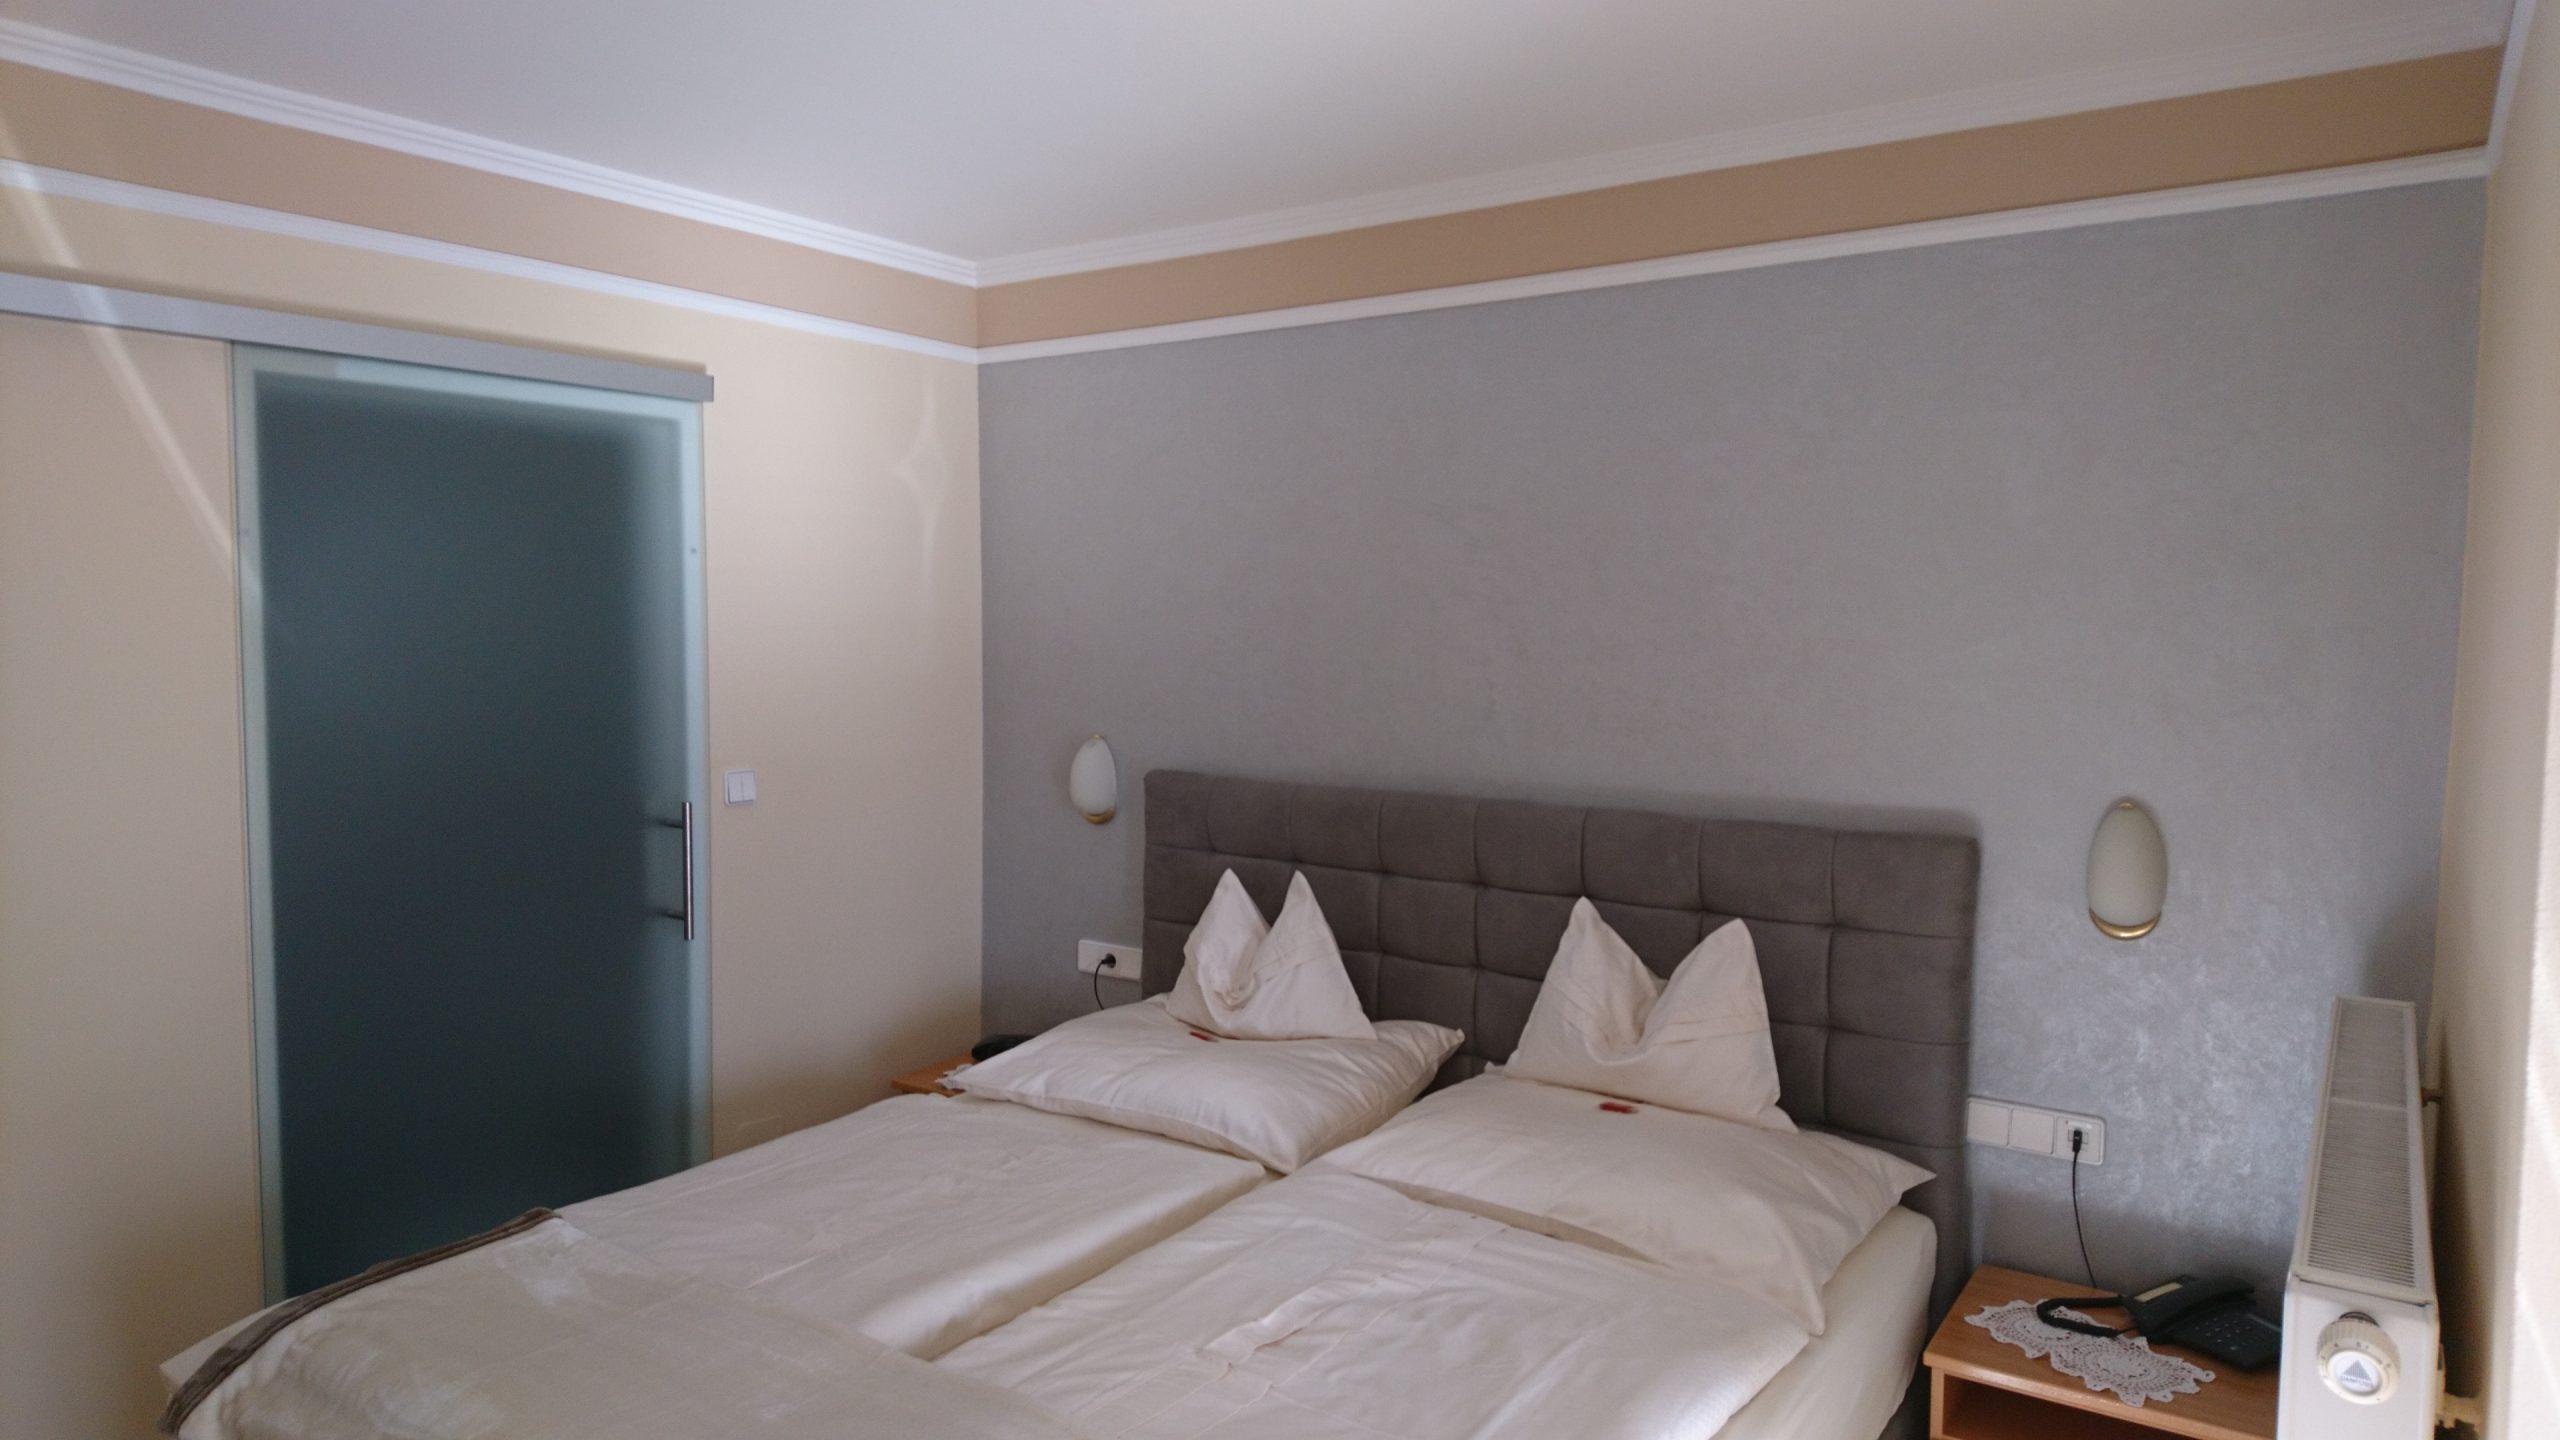 Hotelzimmer mit Effektfarbe